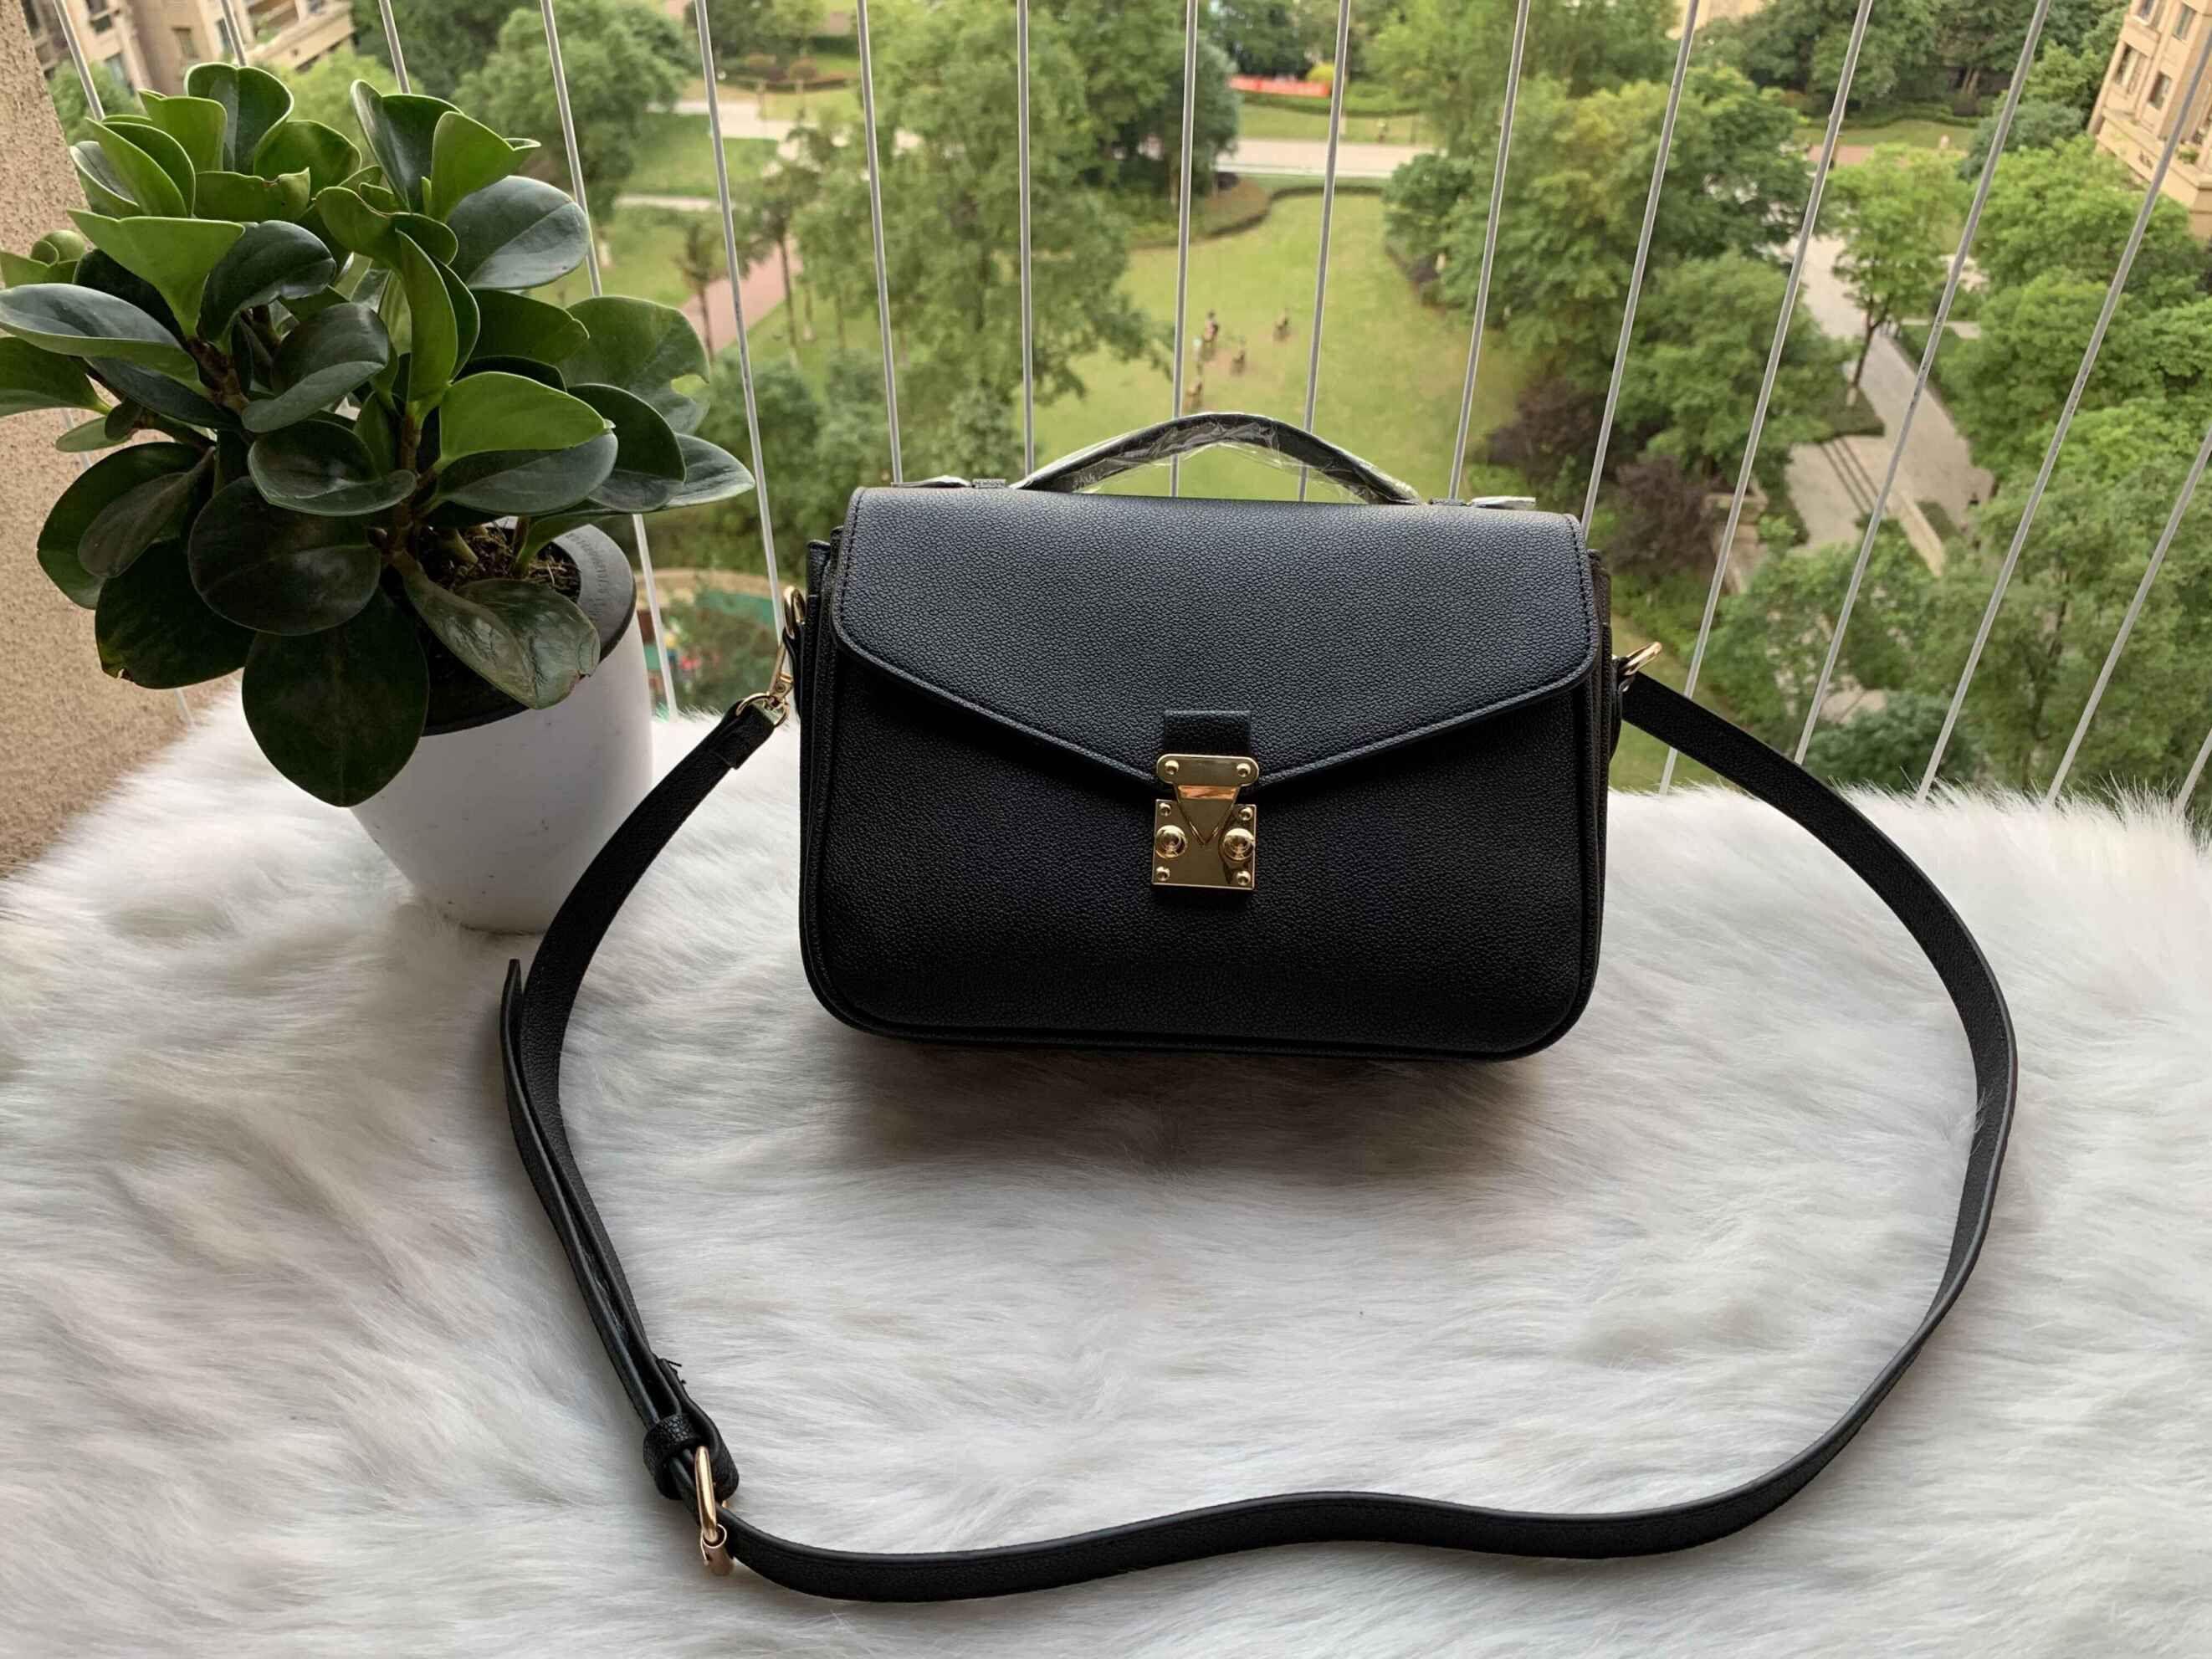 Подлинная бесплатная сумочка качество 2021 тиснение черные женские сумки высокой доставкой кожаные сумки через плечо мешок сумка fxhnc